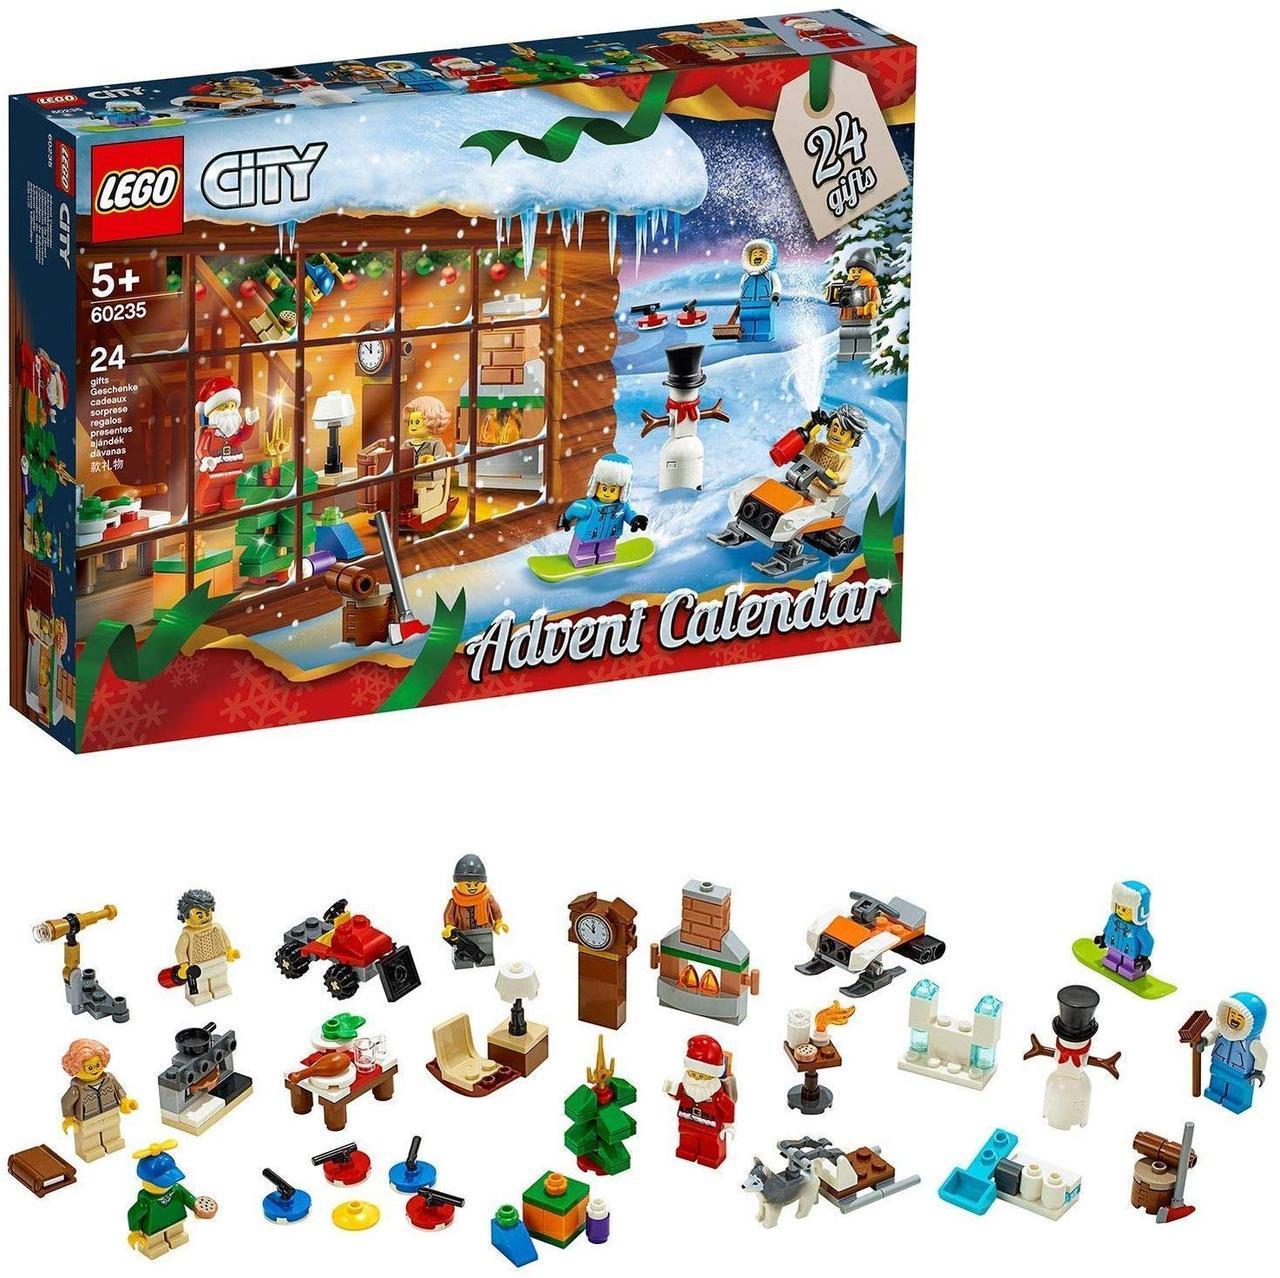 Lego City Новогодний календарь 2020 Лего Сити 60235 ( Лего Сіті Новорічний Адвент Календар 2020 )